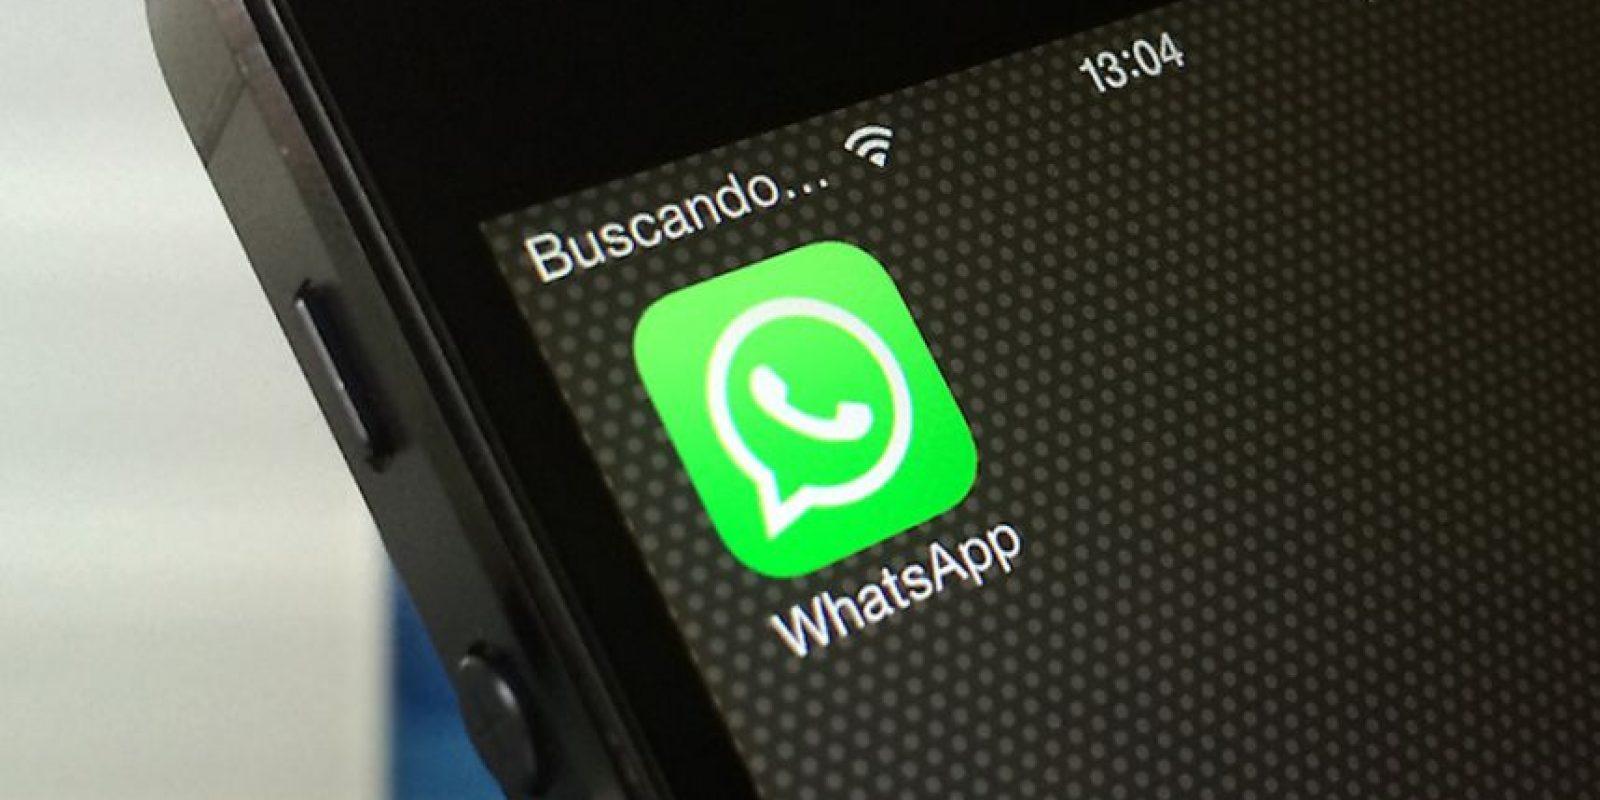 Únicamente determinados usuarios pueden usar las llamadas. Foto:Getty Images